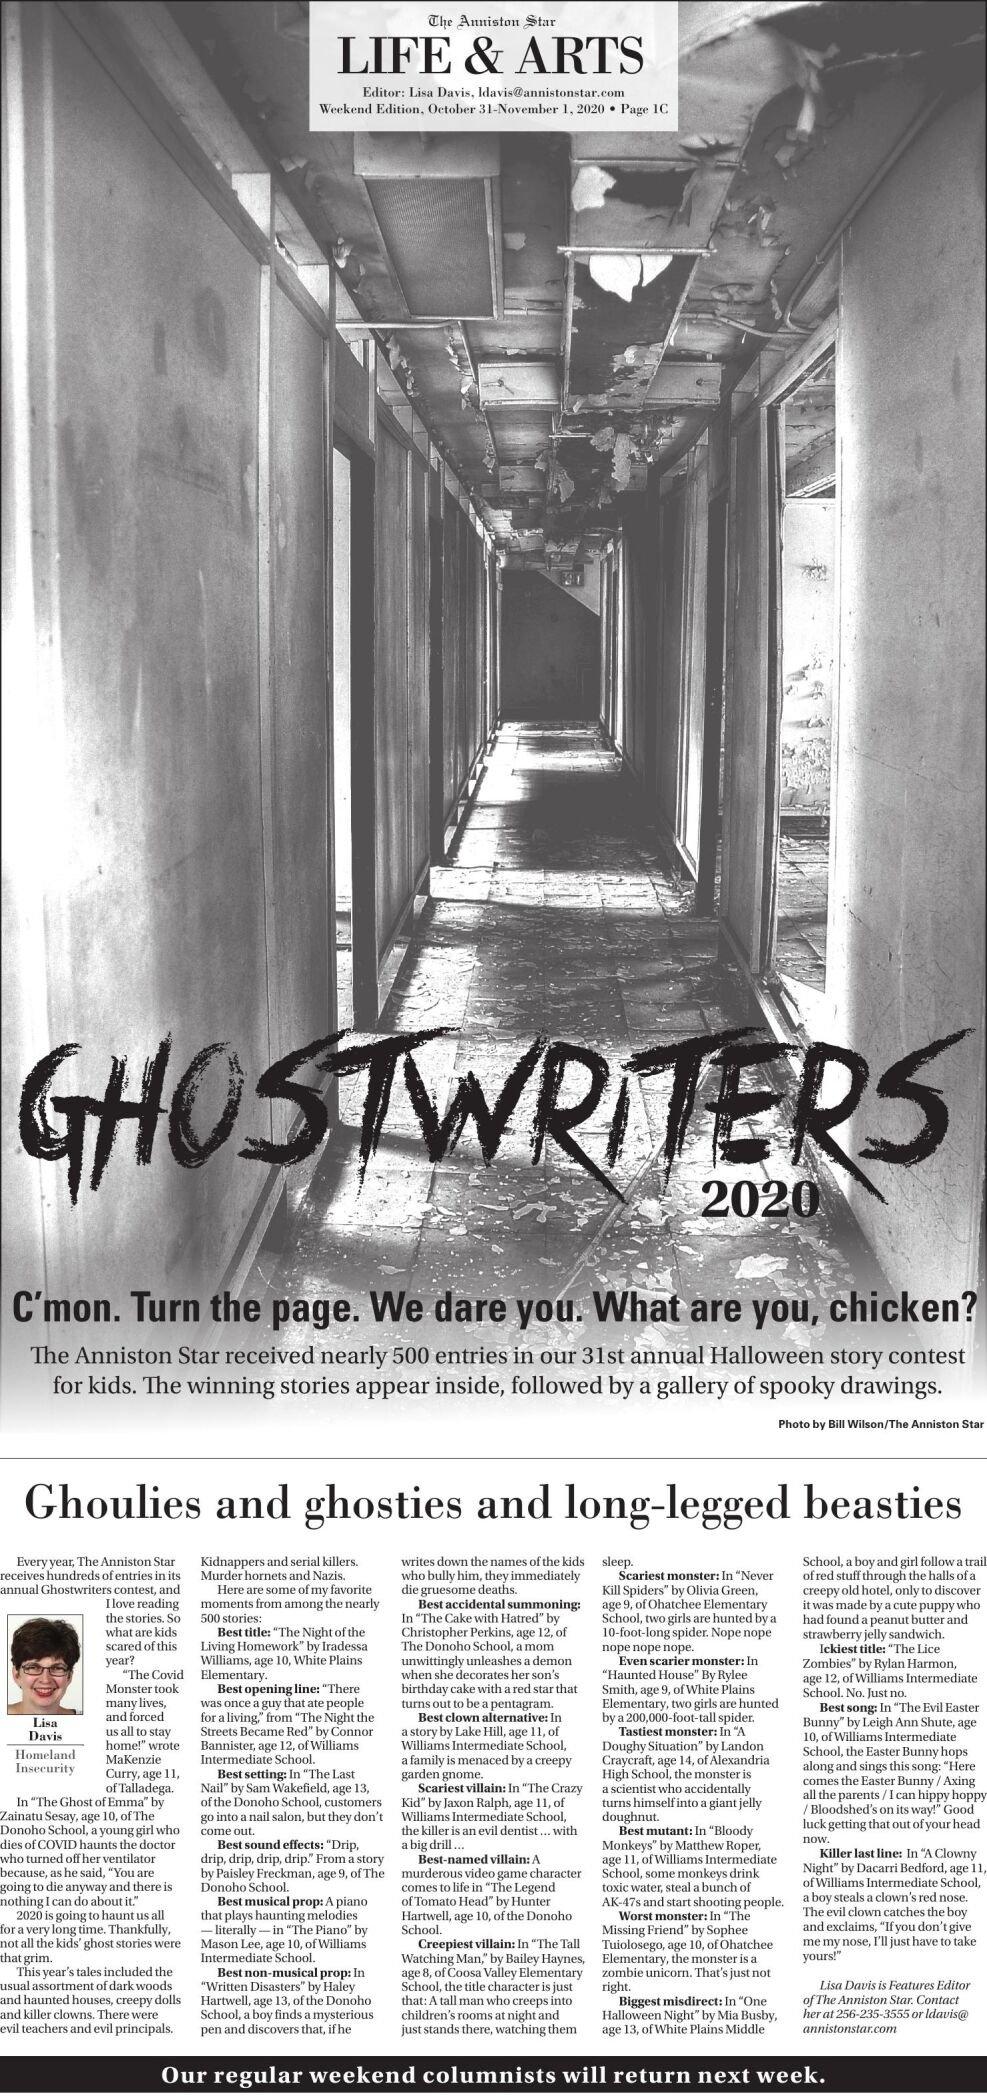 Ghostwriters 2020